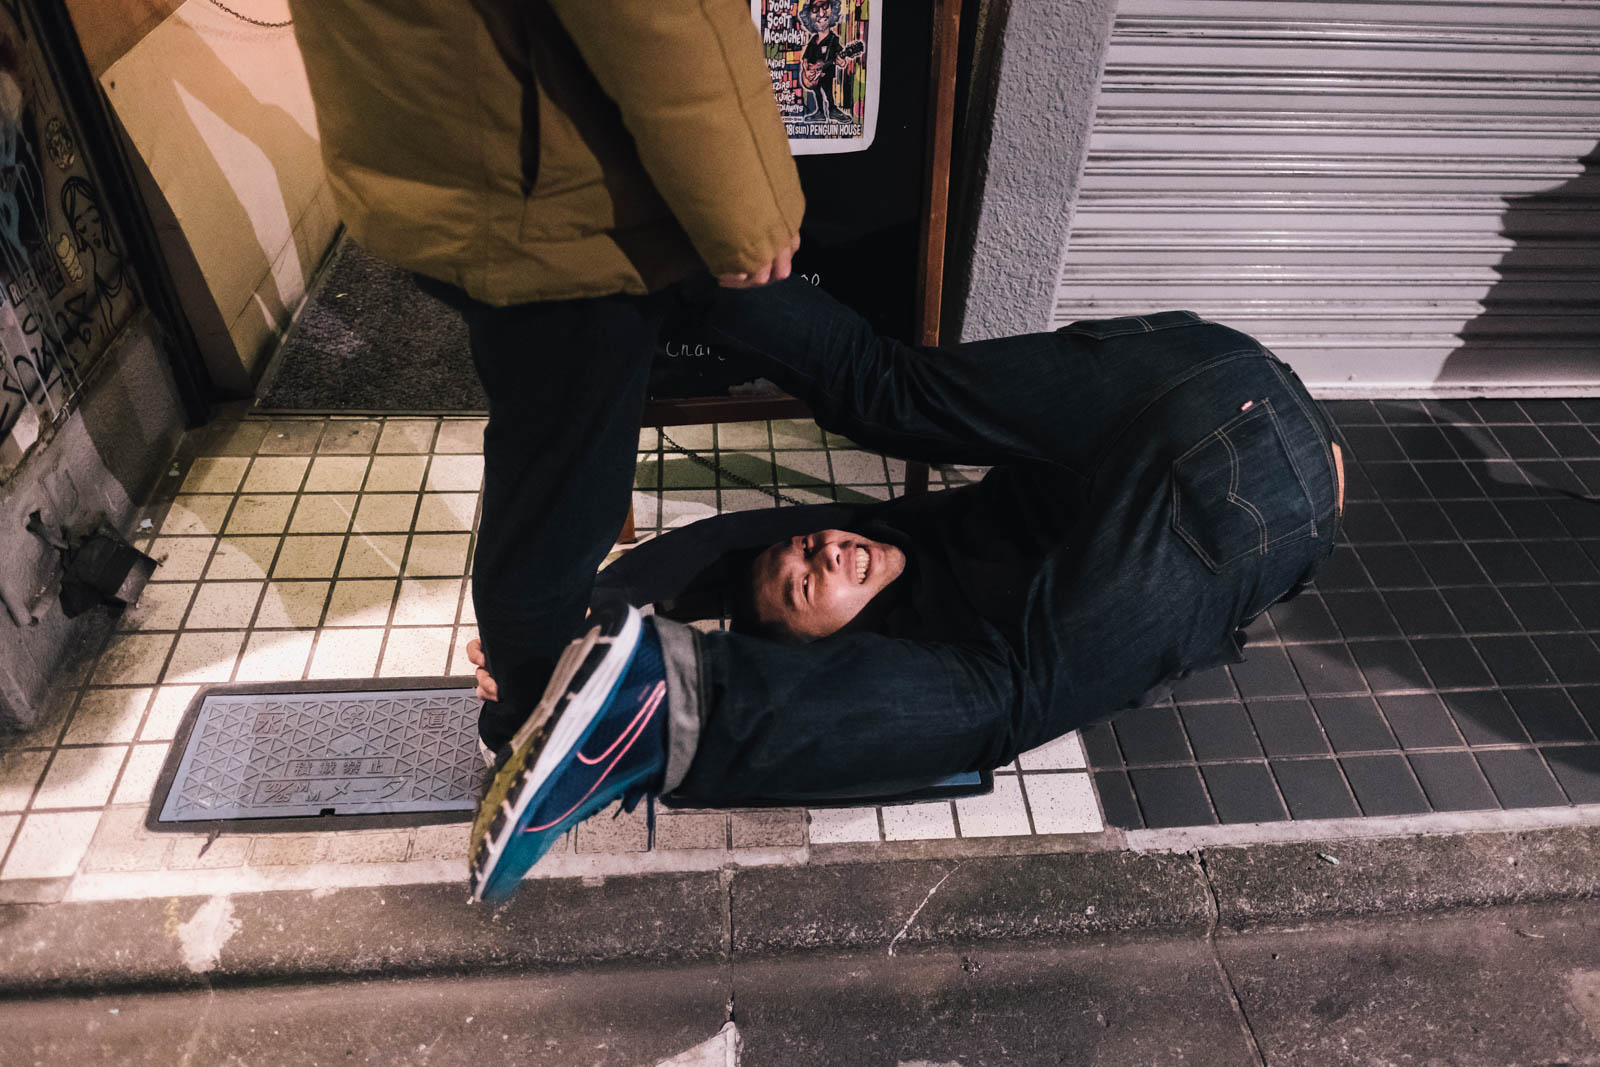 Koenji Tweezers Live 高円寺 Tweezers ライブ-27.jpg